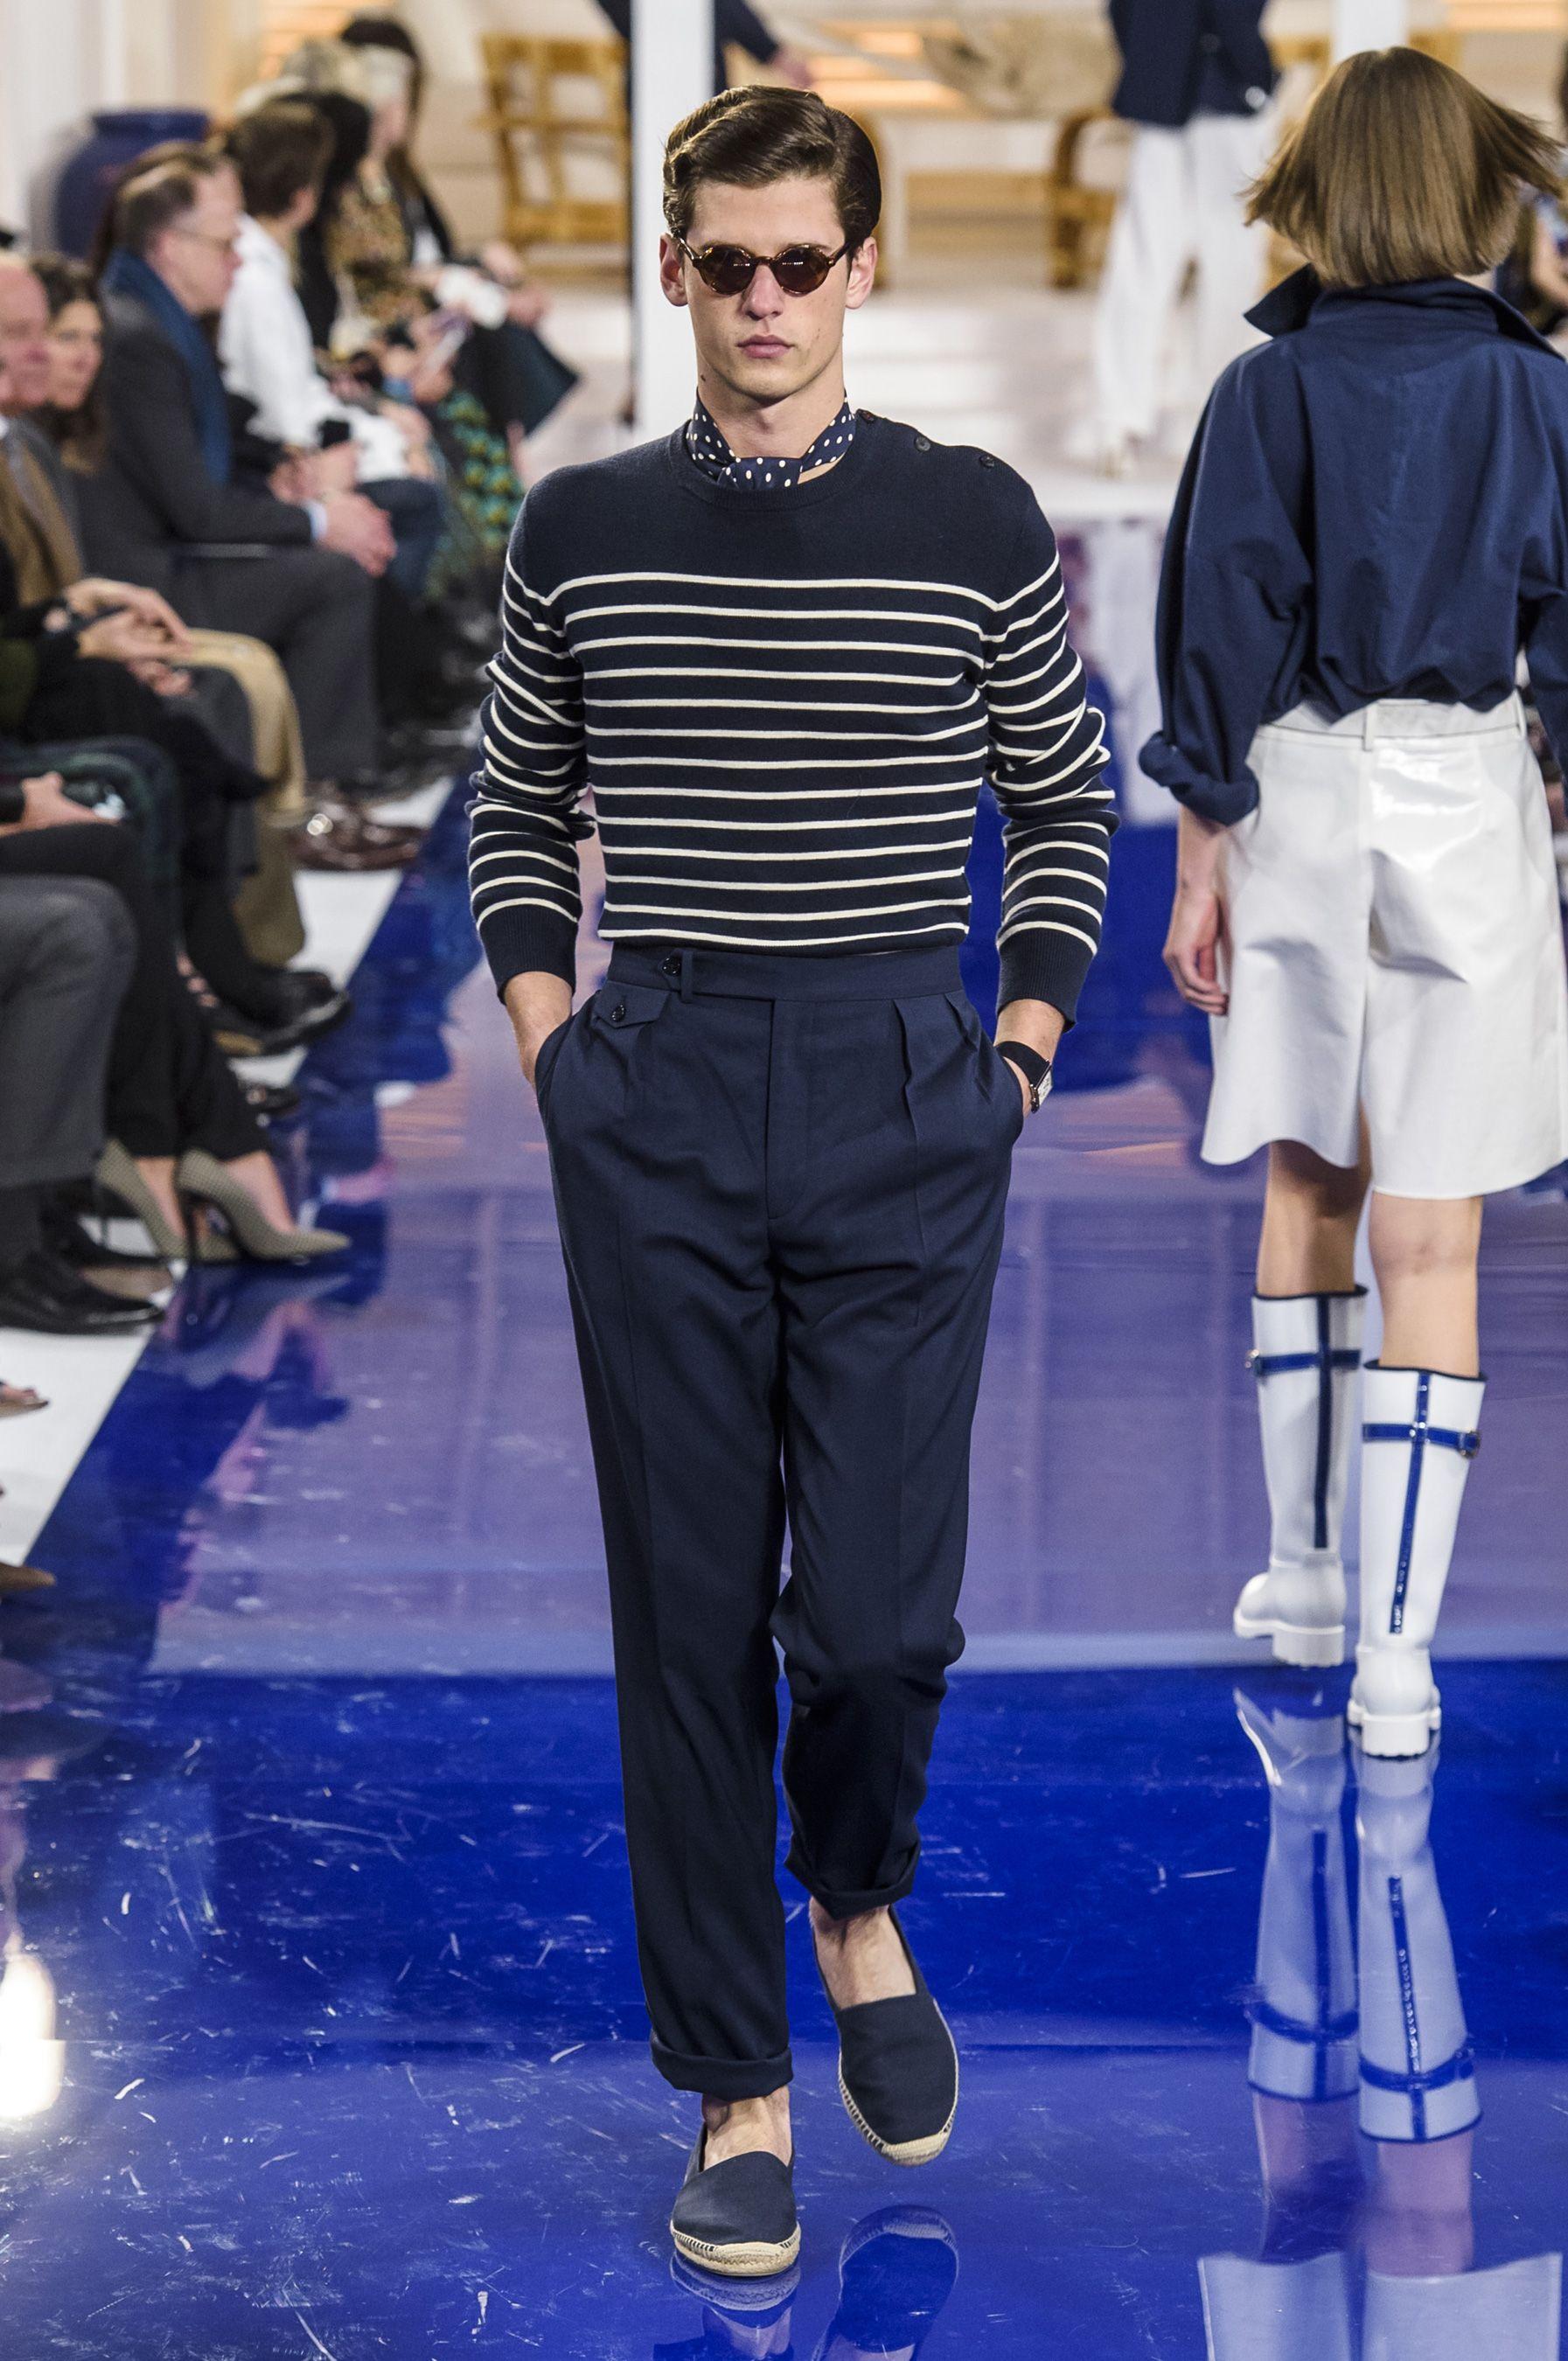 d0a60aba724 Looks From Ralph Lauren Spring 2018 NYFW Show – Ralph Lauren Runway at New  York Fashion Week